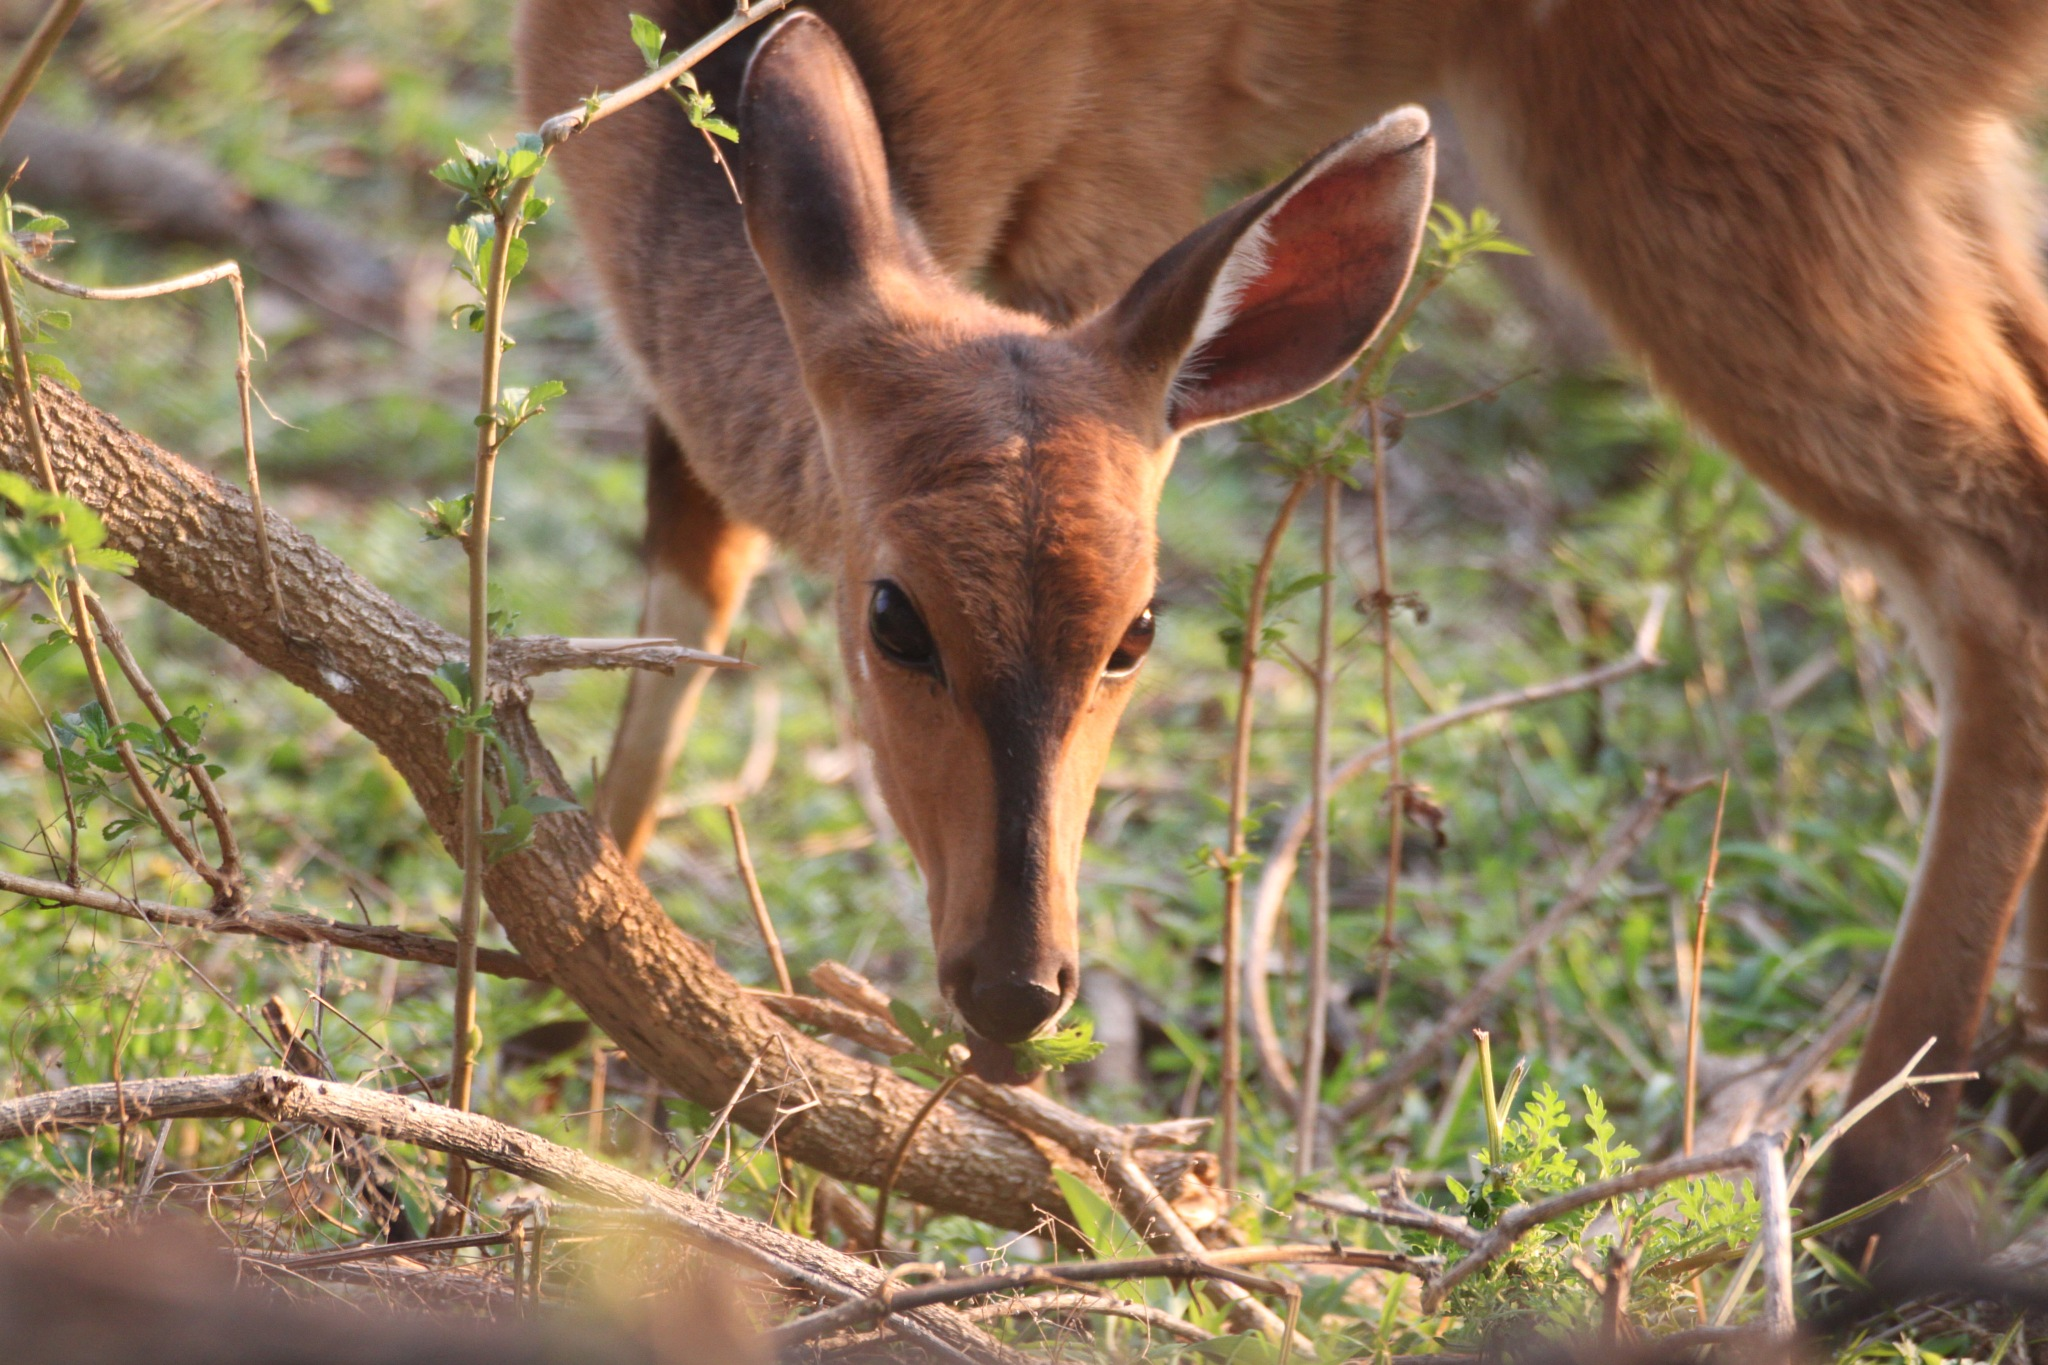 Wild Bushbuck by Carmel McKenna